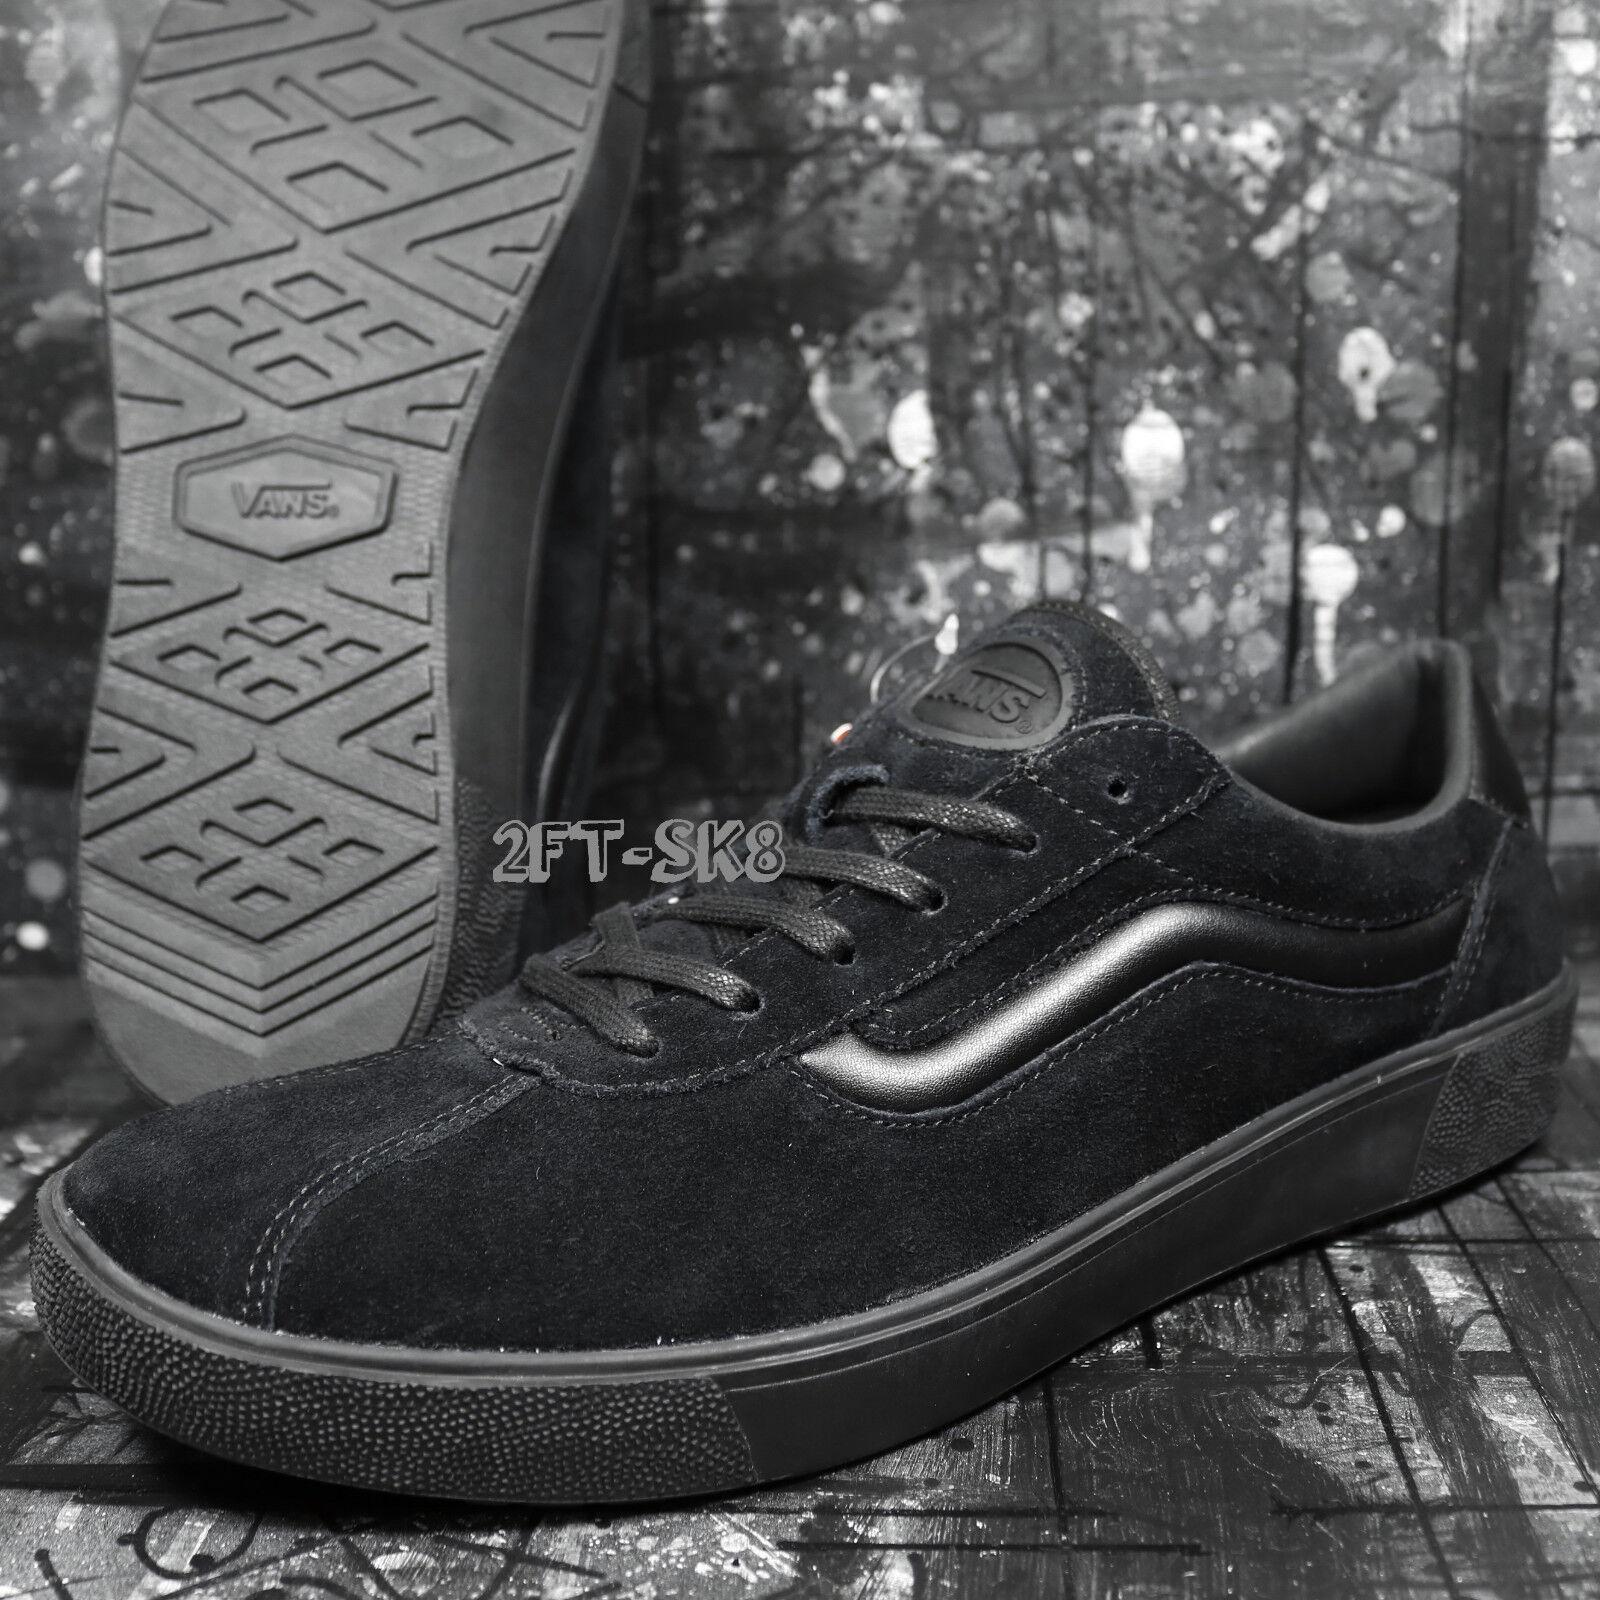 VANS WALLY 3 STAPLE BLACK BLACK MEN'S 11.5 SKATE SHOES// S85138.282